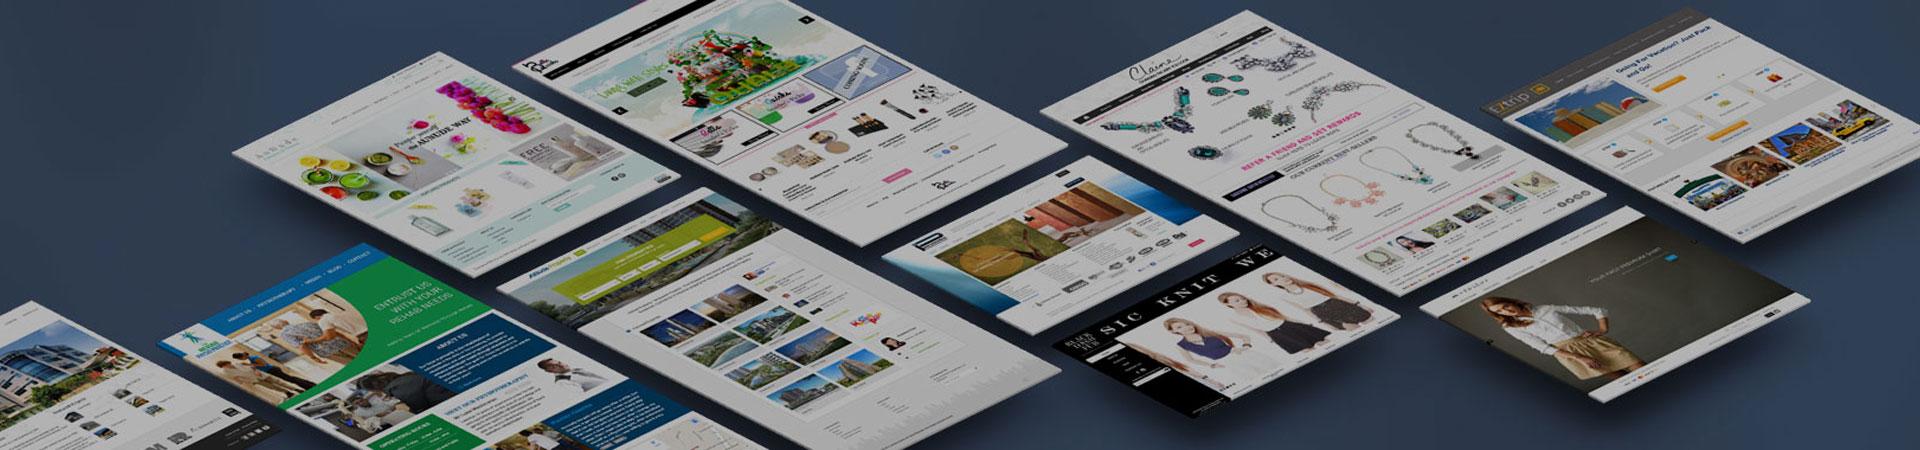 Website Design Singapore - Manporium